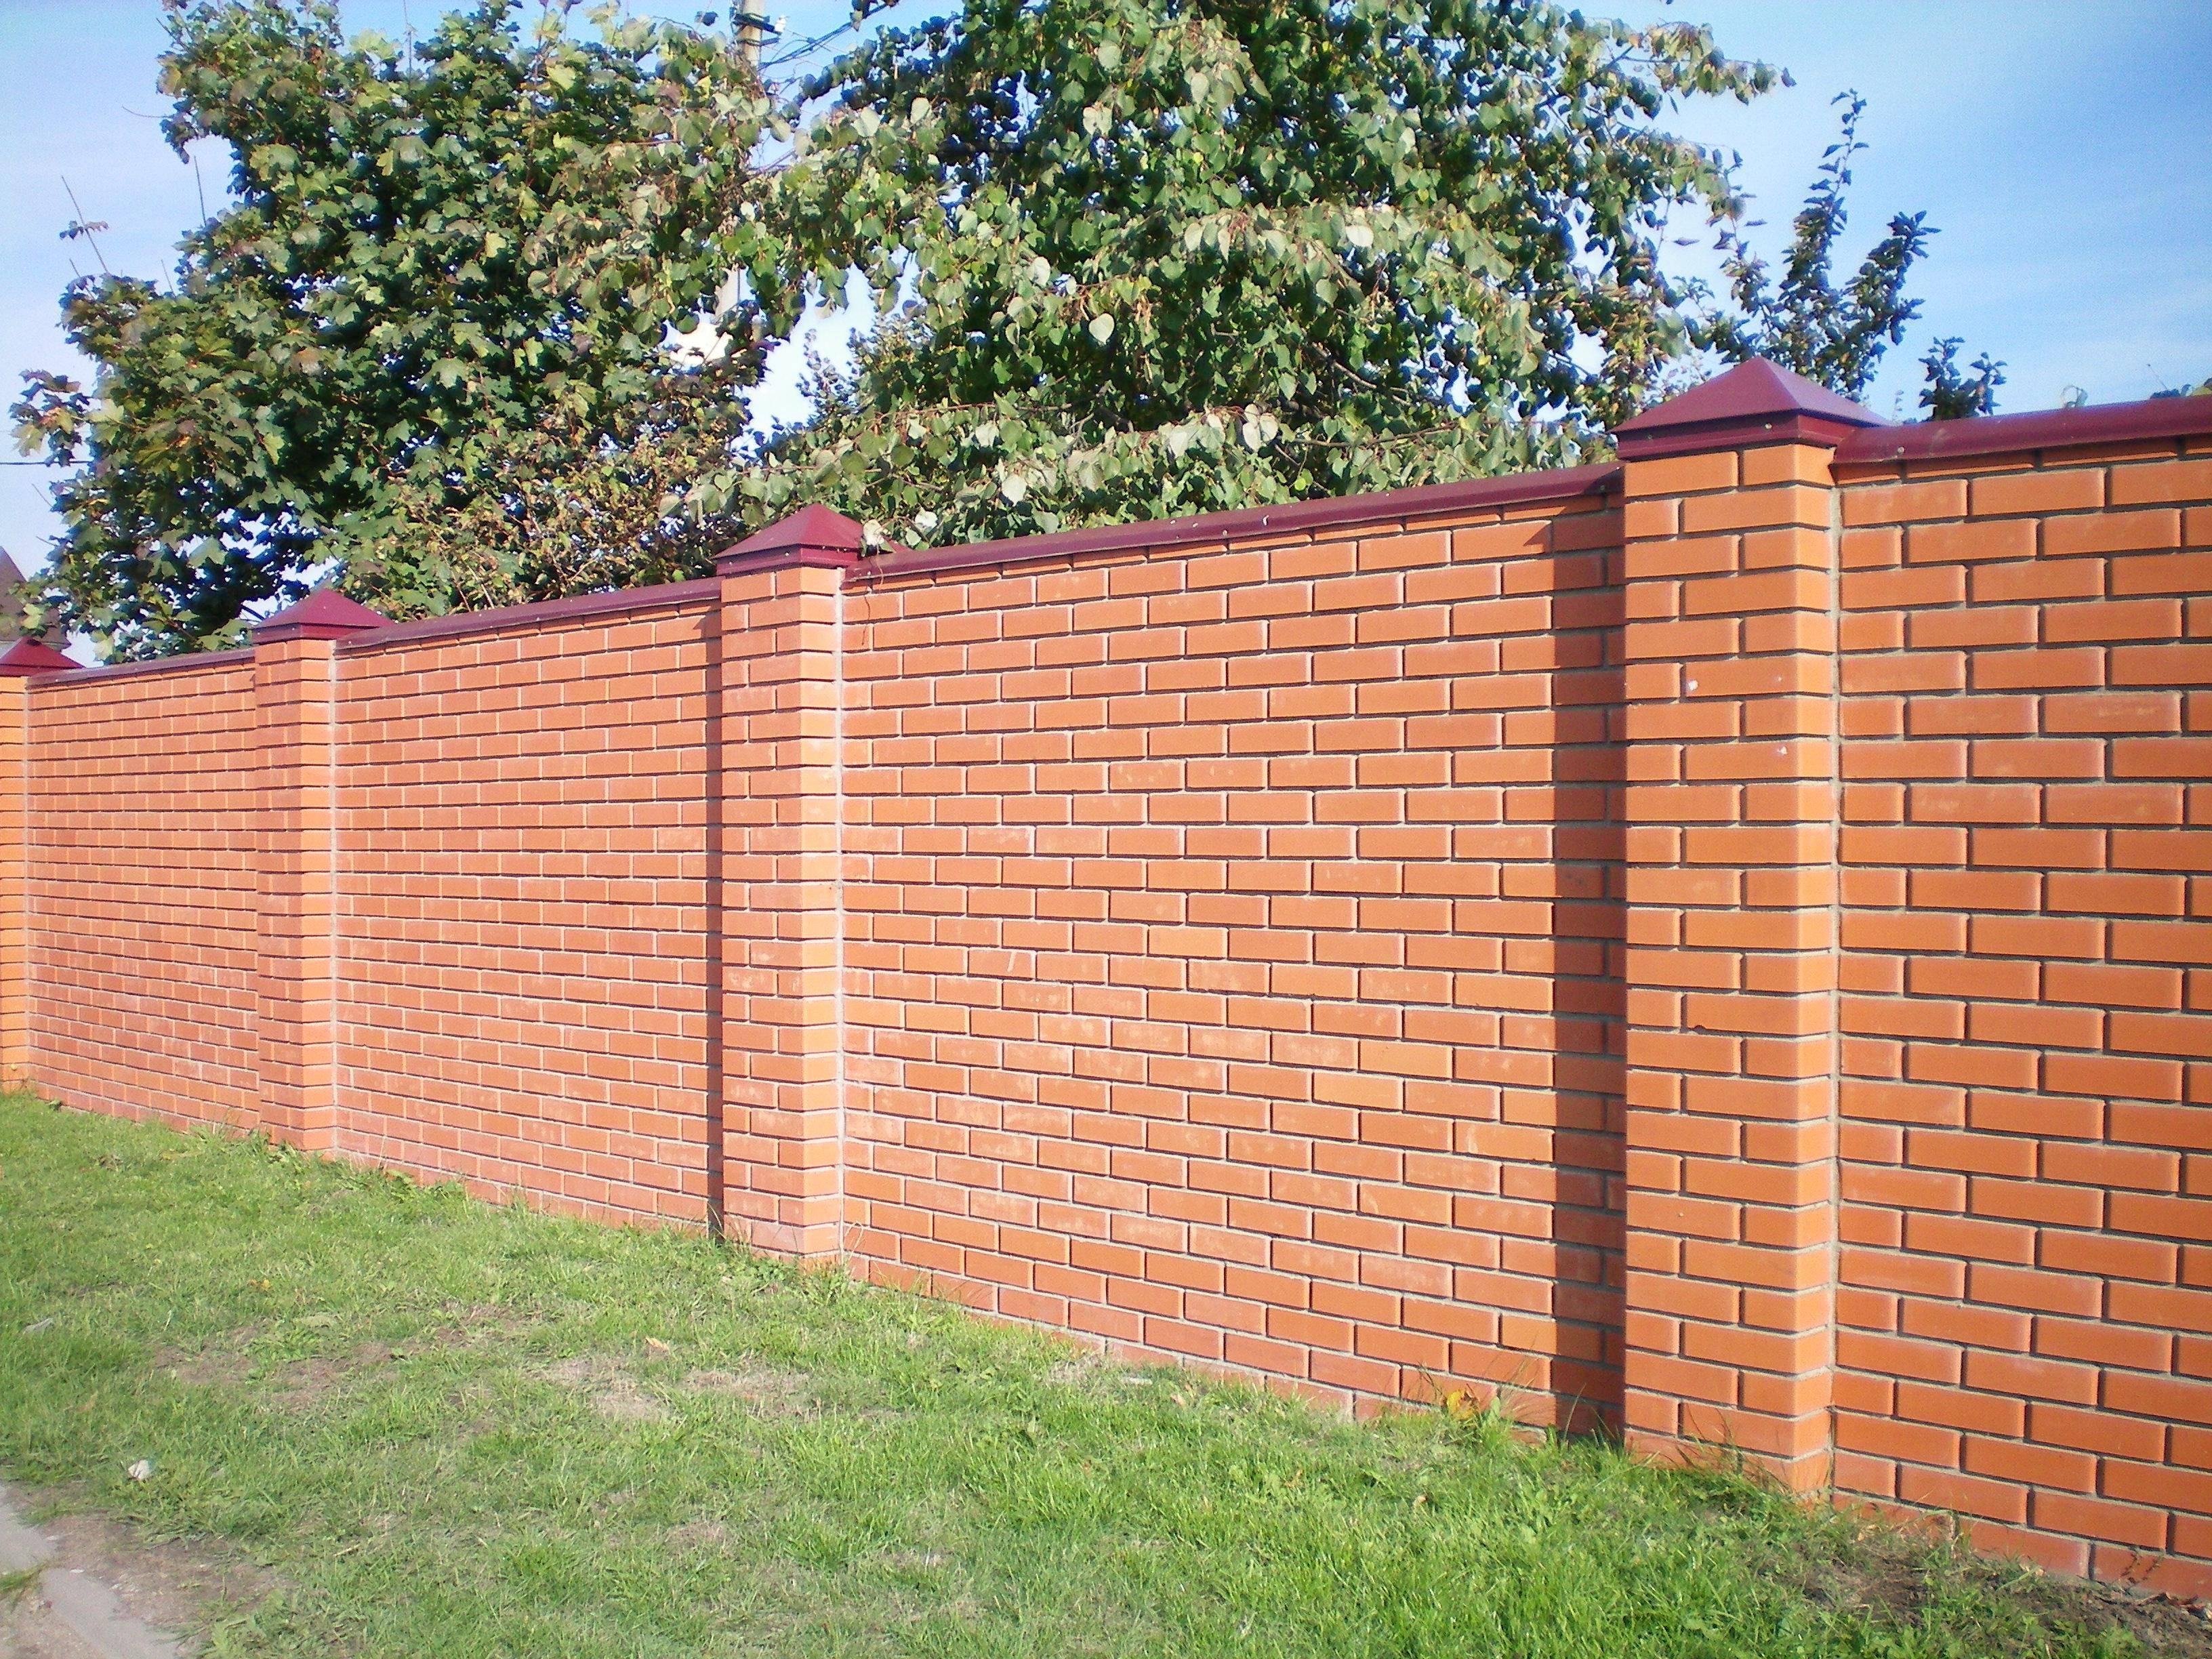 Как построить забор из профнастила с кирпичными столбами: схема, инструкция